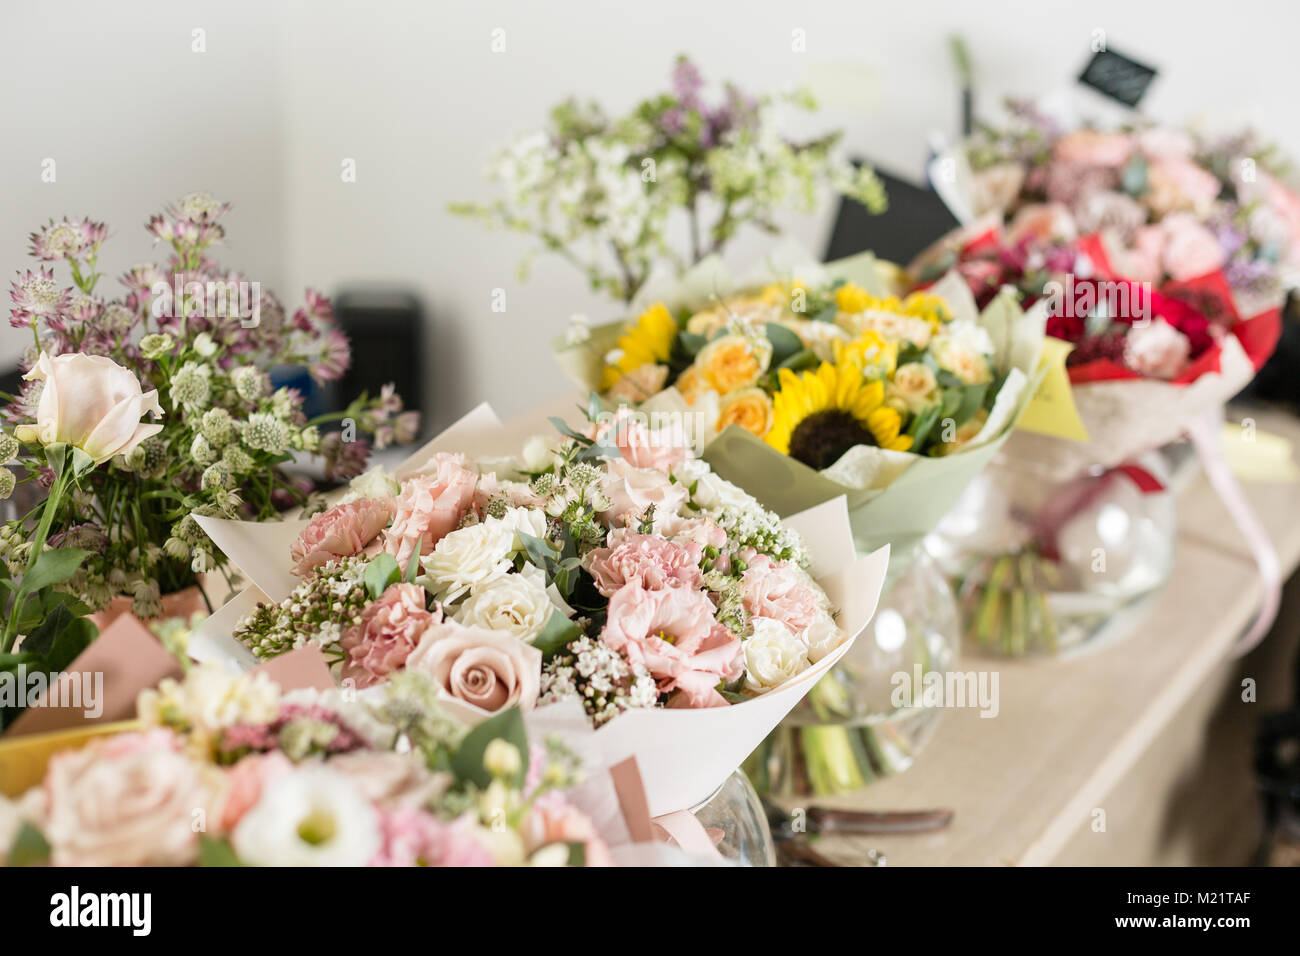 bouquets sur table, fleuriste entreprise. différentes variétés de